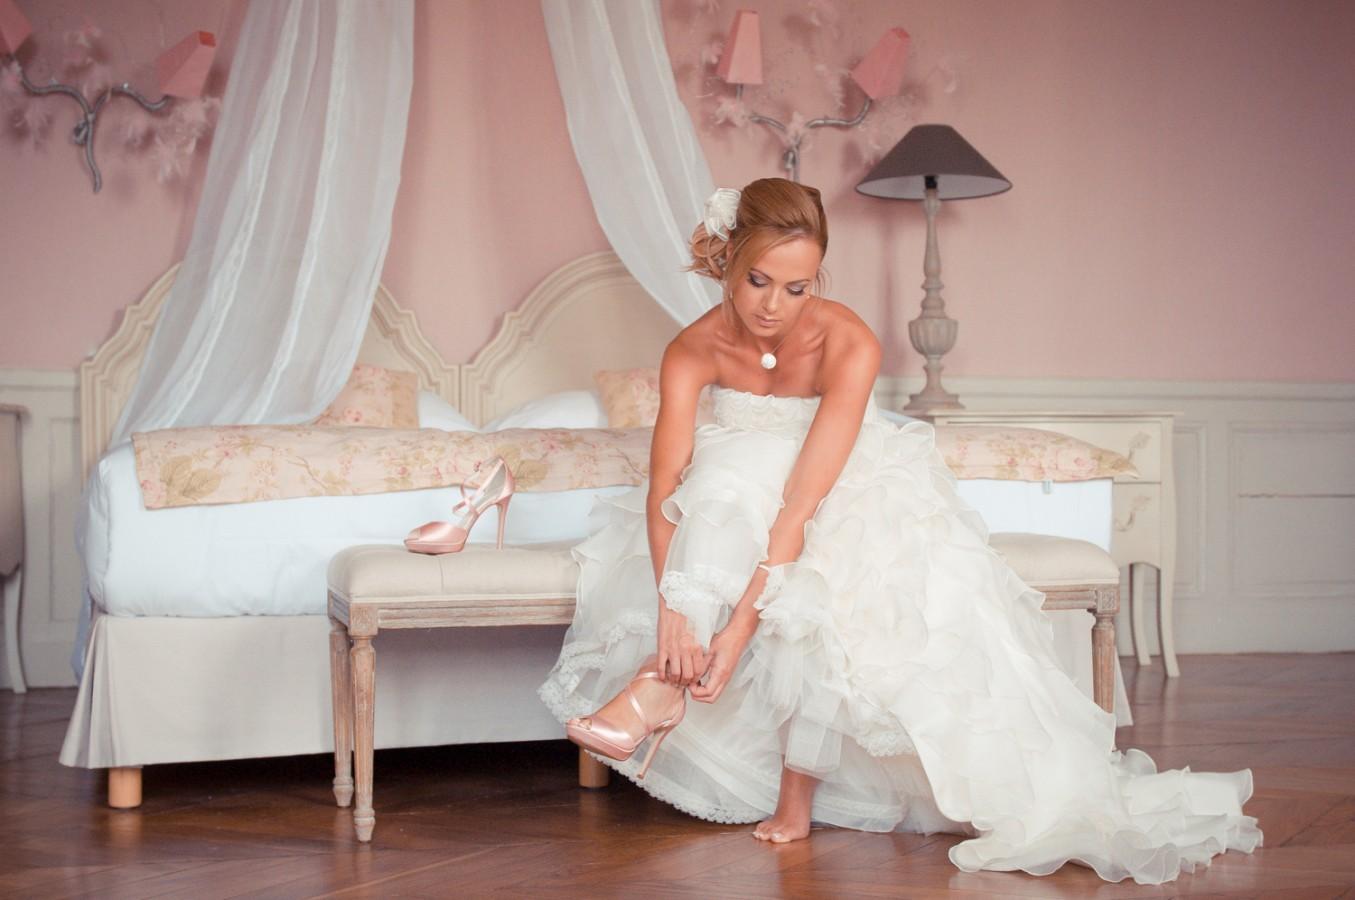 site de rencontre mariage inchallah Drancy